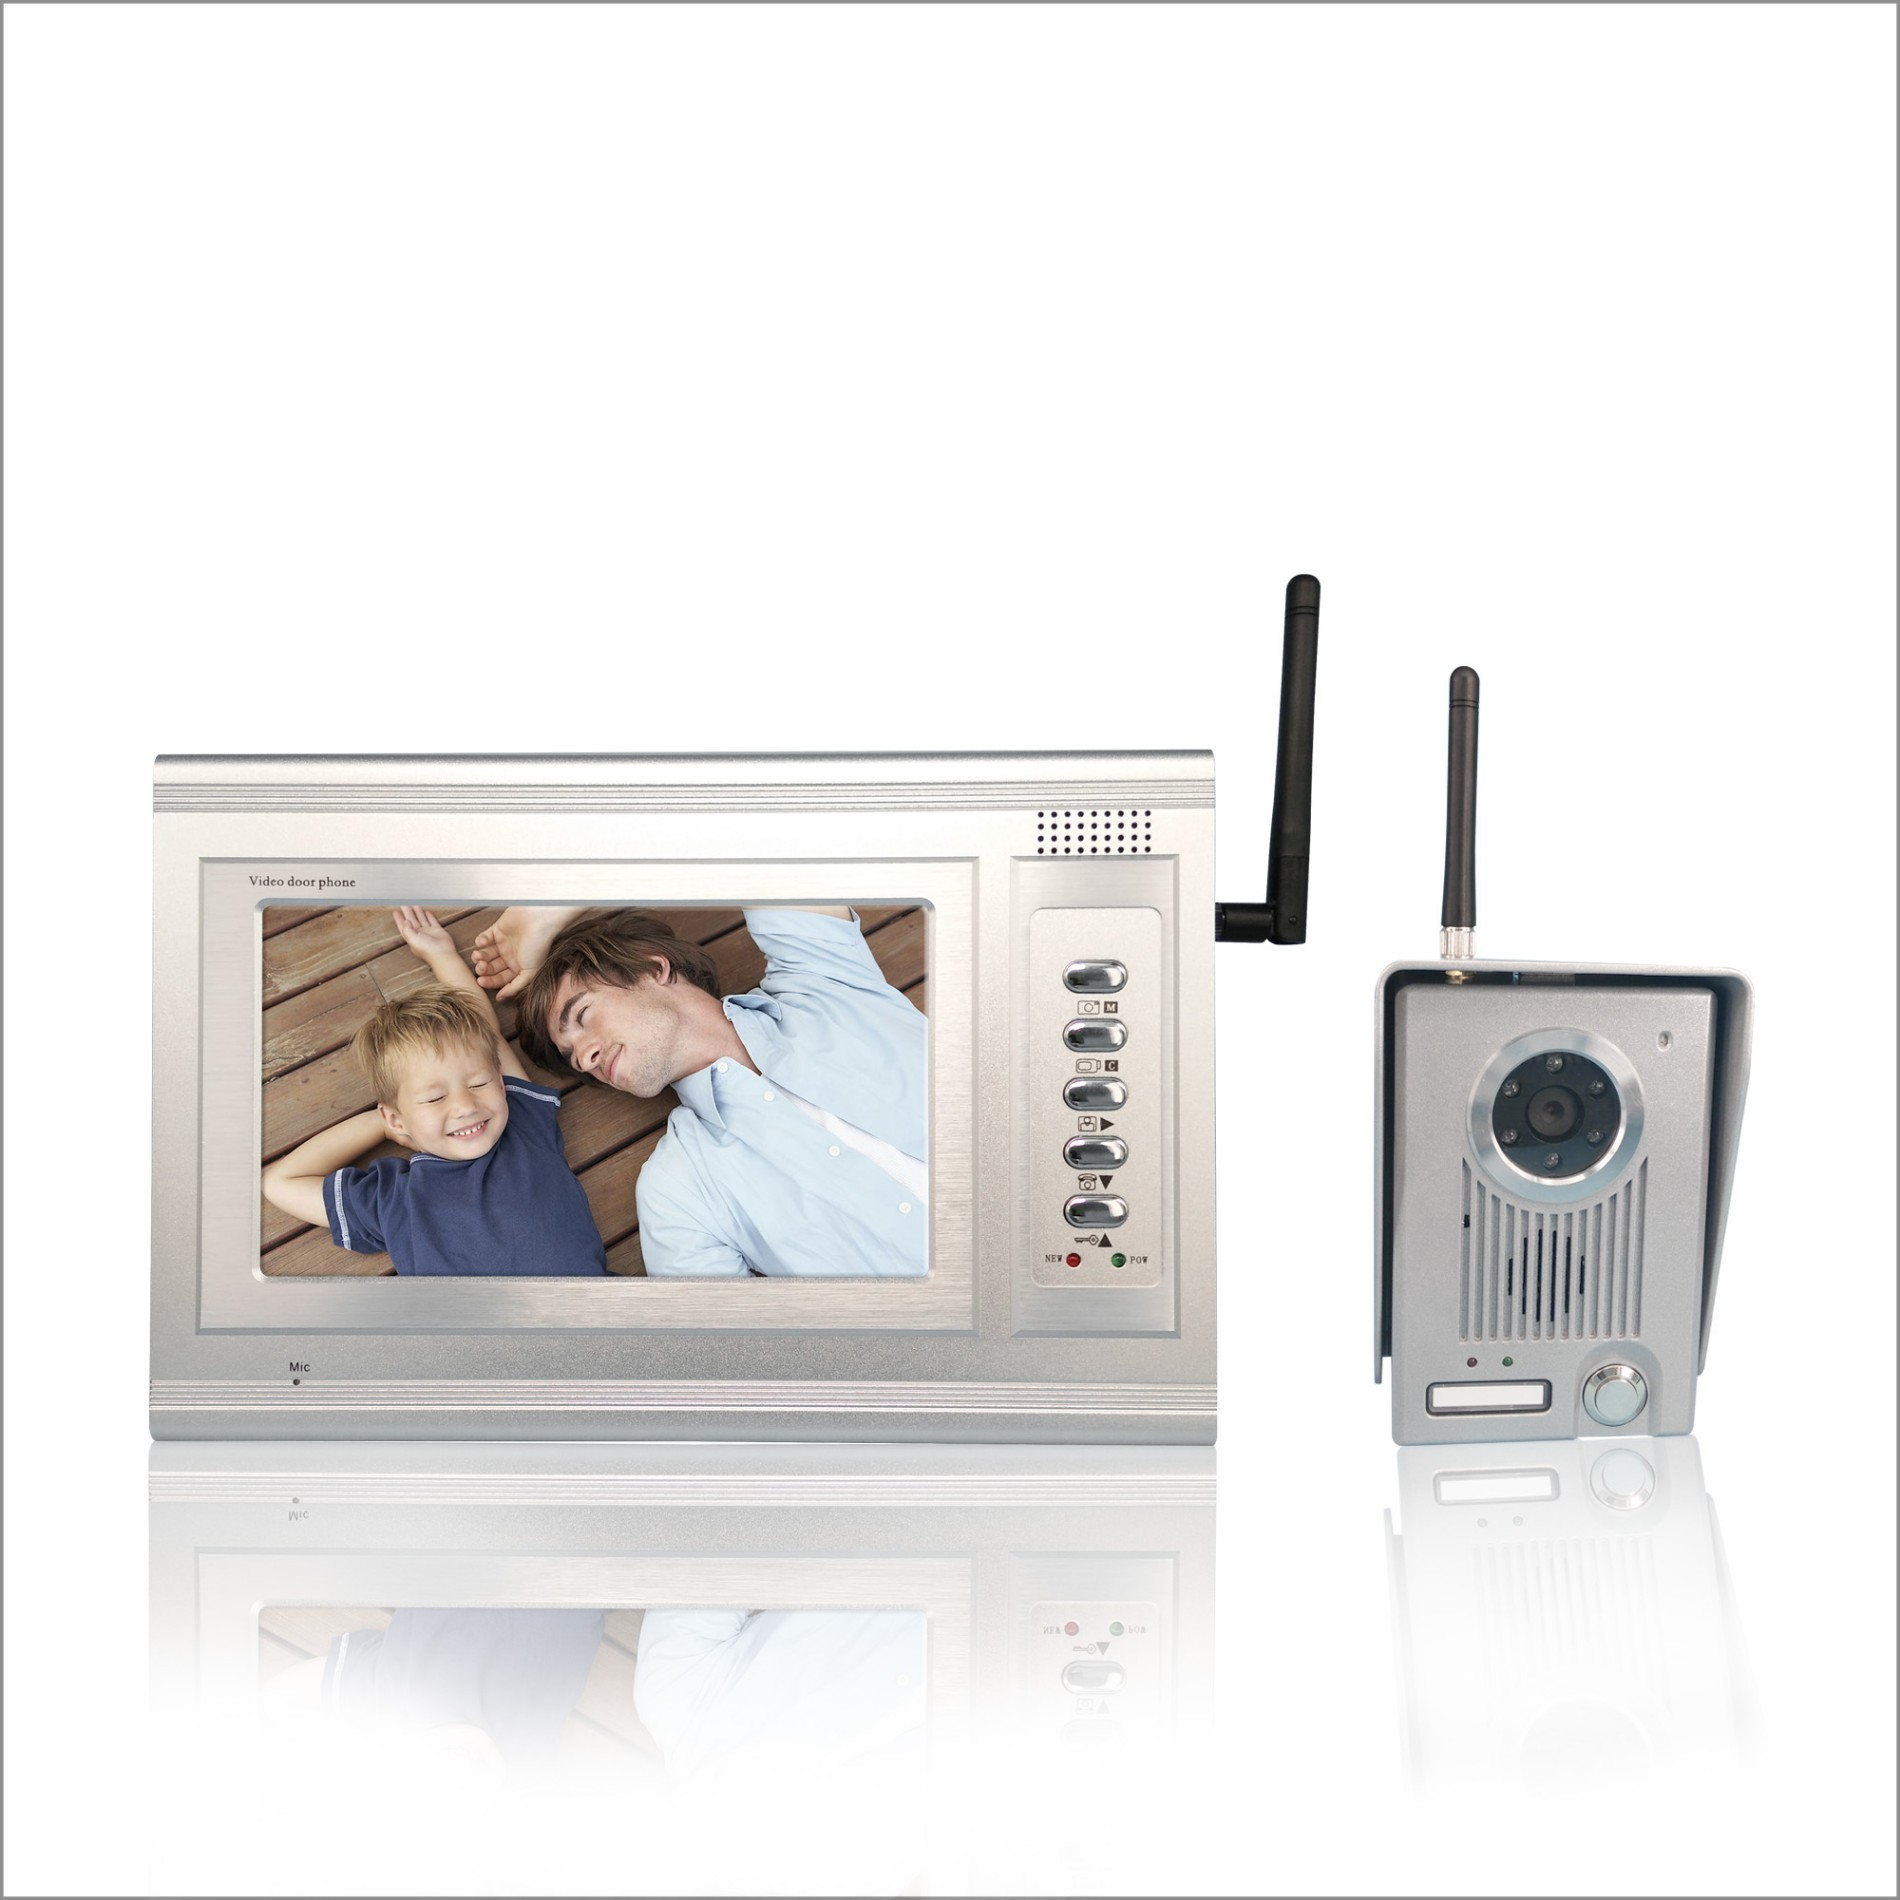 Ev için Kablosuz Görüntülü Kapı Telefonu 2.4 Ghz Dijital satın al,Ev için Kablosuz Görüntülü Kapı Telefonu 2.4 Ghz Dijital Fiyatlar,Ev için Kablosuz Görüntülü Kapı Telefonu 2.4 Ghz Dijital Markalar,Ev için Kablosuz Görüntülü Kapı Telefonu 2.4 Ghz Dijital Üretici,Ev için Kablosuz Görüntülü Kapı Telefonu 2.4 Ghz Dijital Alıntılar,Ev için Kablosuz Görüntülü Kapı Telefonu 2.4 Ghz Dijital Şirket,